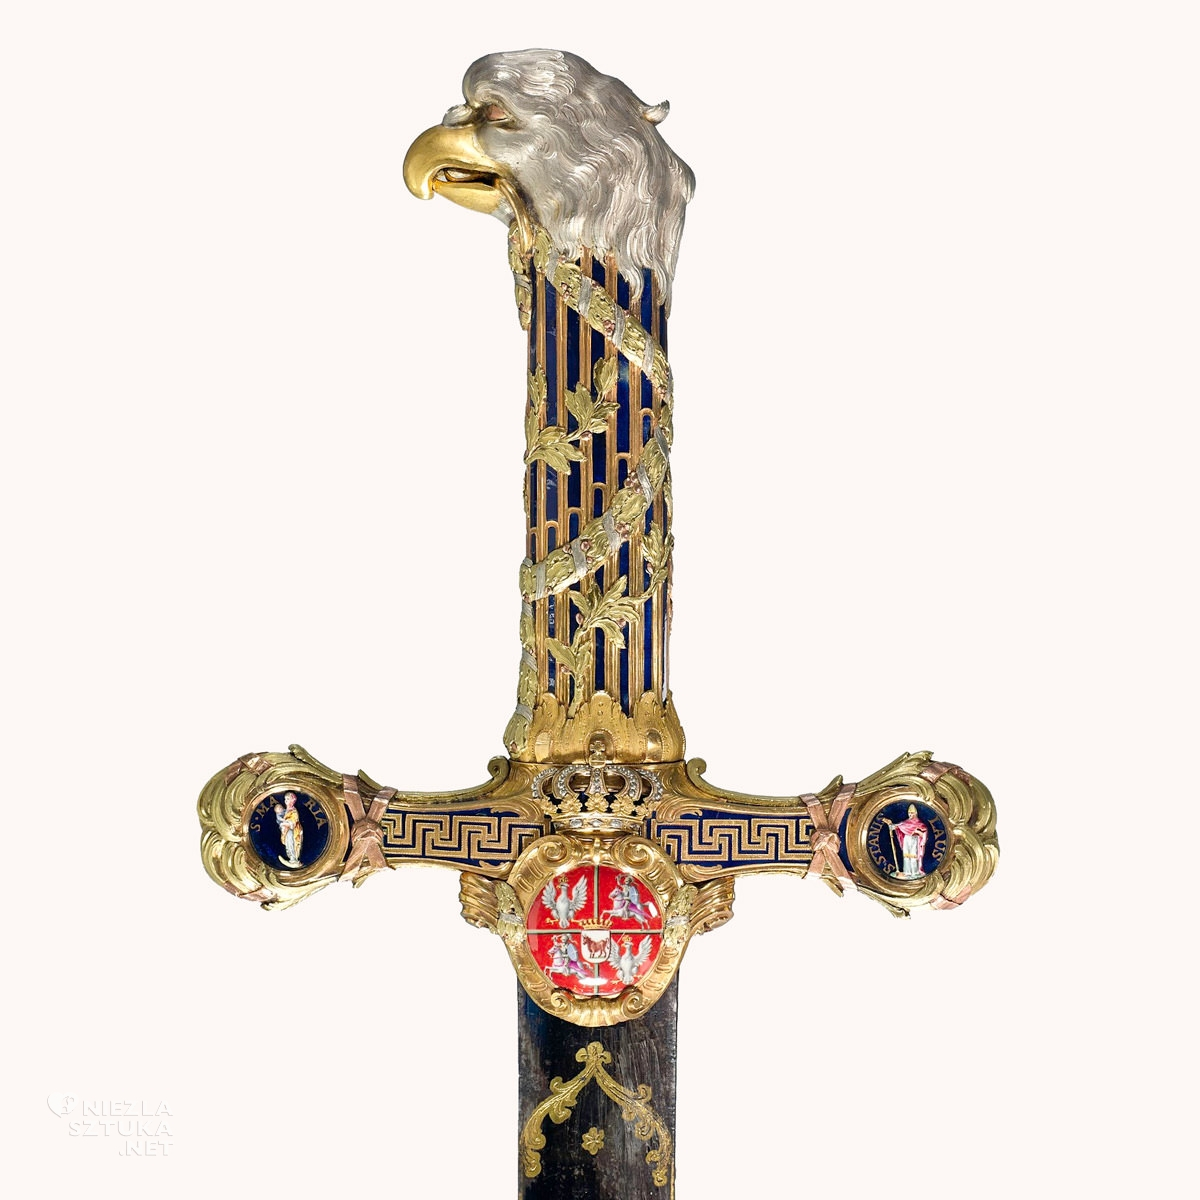 Miecz Orderu Orła Białego Stanisława Augusta Poniatowskiego, Niezła sztuka